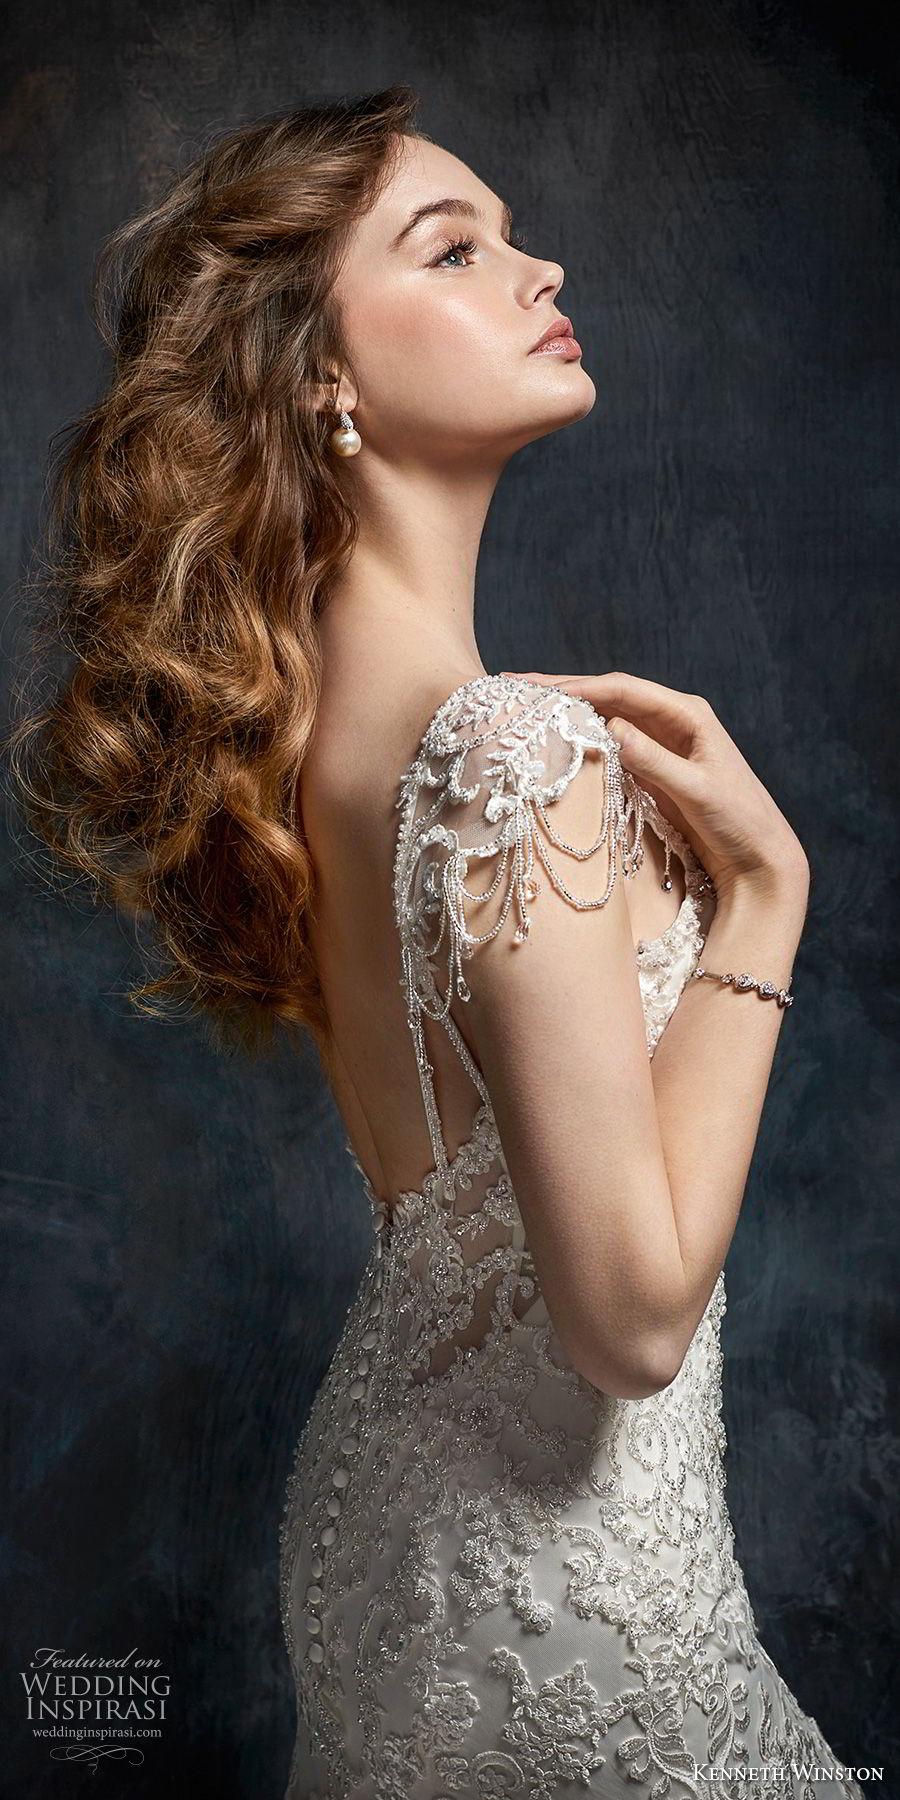 kenneth winston fall 2017 bridal cap sleeves sweetheart neckline full beaded embellishment elegant glamorous mermaid wedding dress open scoop back chapel train (31) sdv